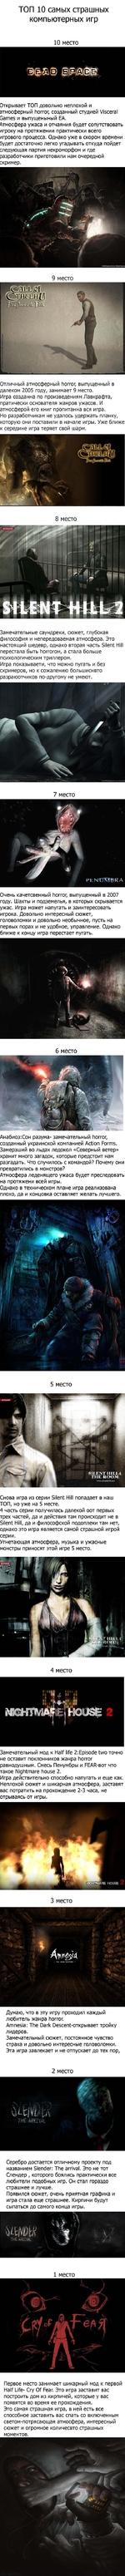 I ТОП 10 самых страшных компьютерных игр ________________10место амечательные саундреки, сюжет, глубокая илософия и непередоваемая атмосфера. Это настоящий шедевр, однако вторая часть Silent Hill перестала быть horroroM, а стала больше психологическим триллером. Игра показываети, что можно пуга